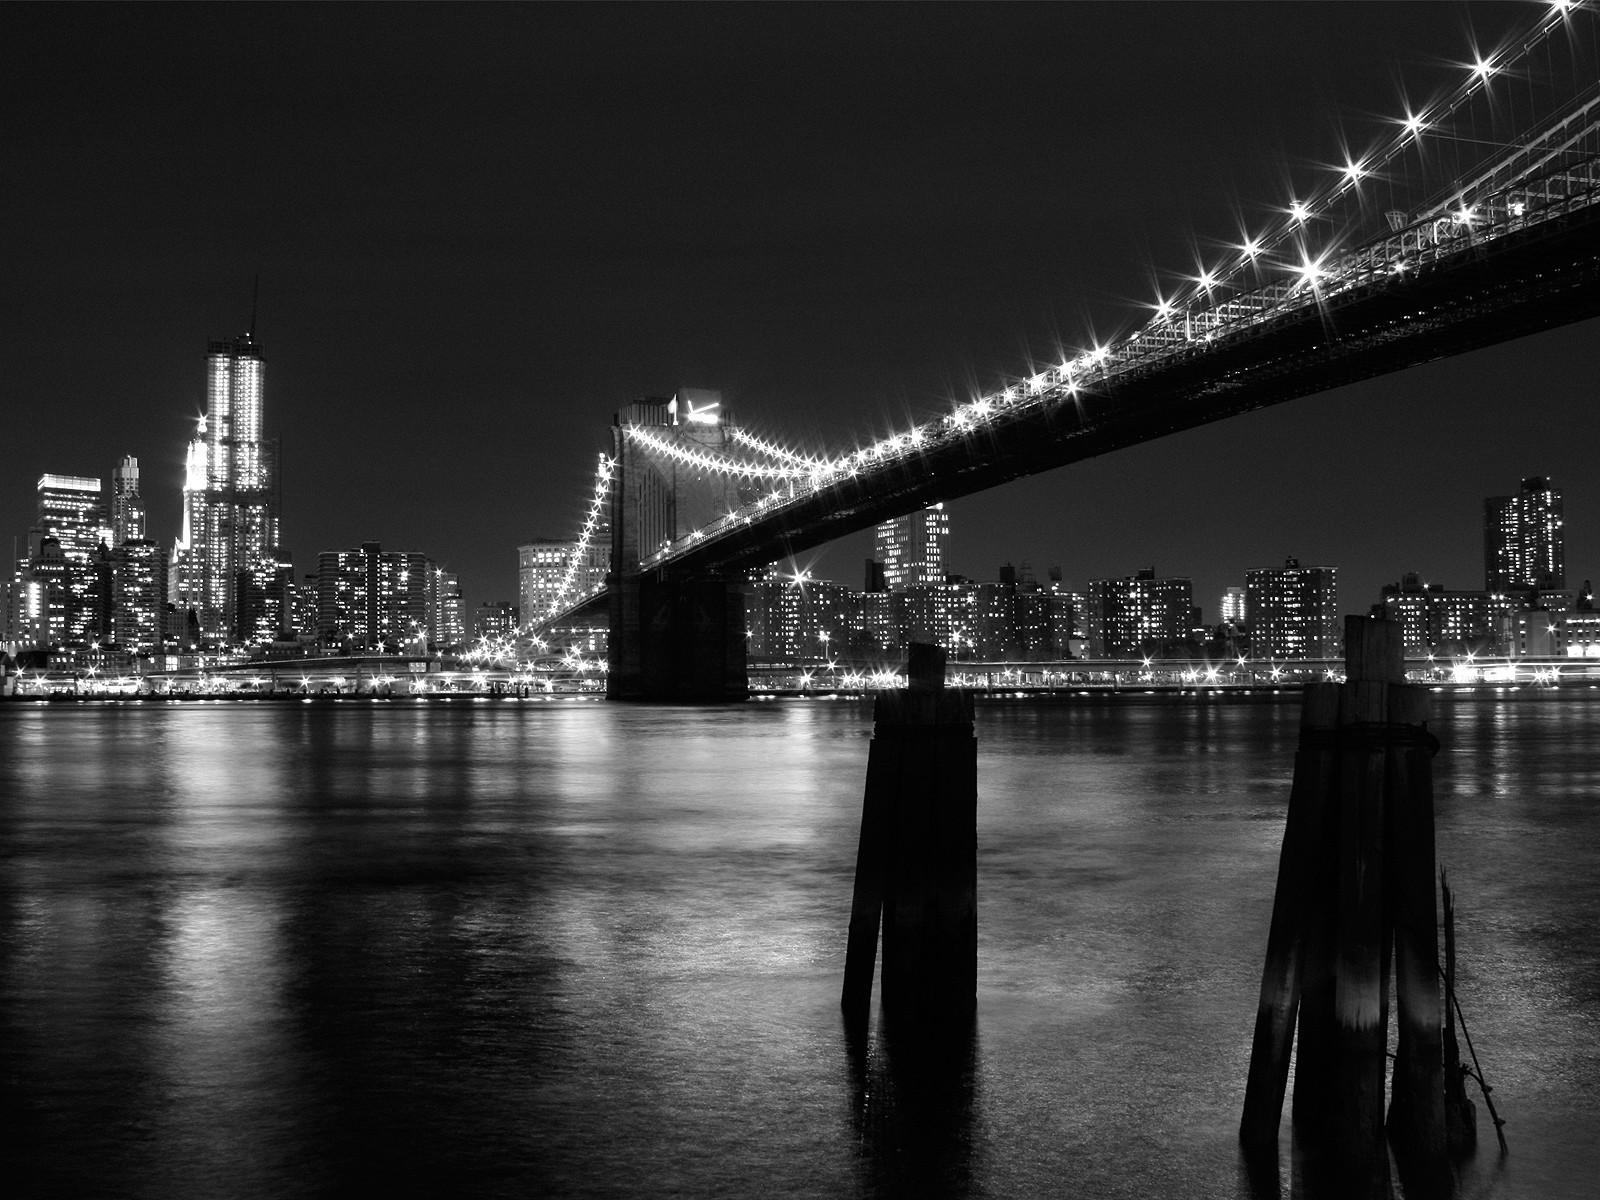 8567 скачать обои Пейзаж, Города, Река, Мосты, Ночь - заставки и картинки бесплатно